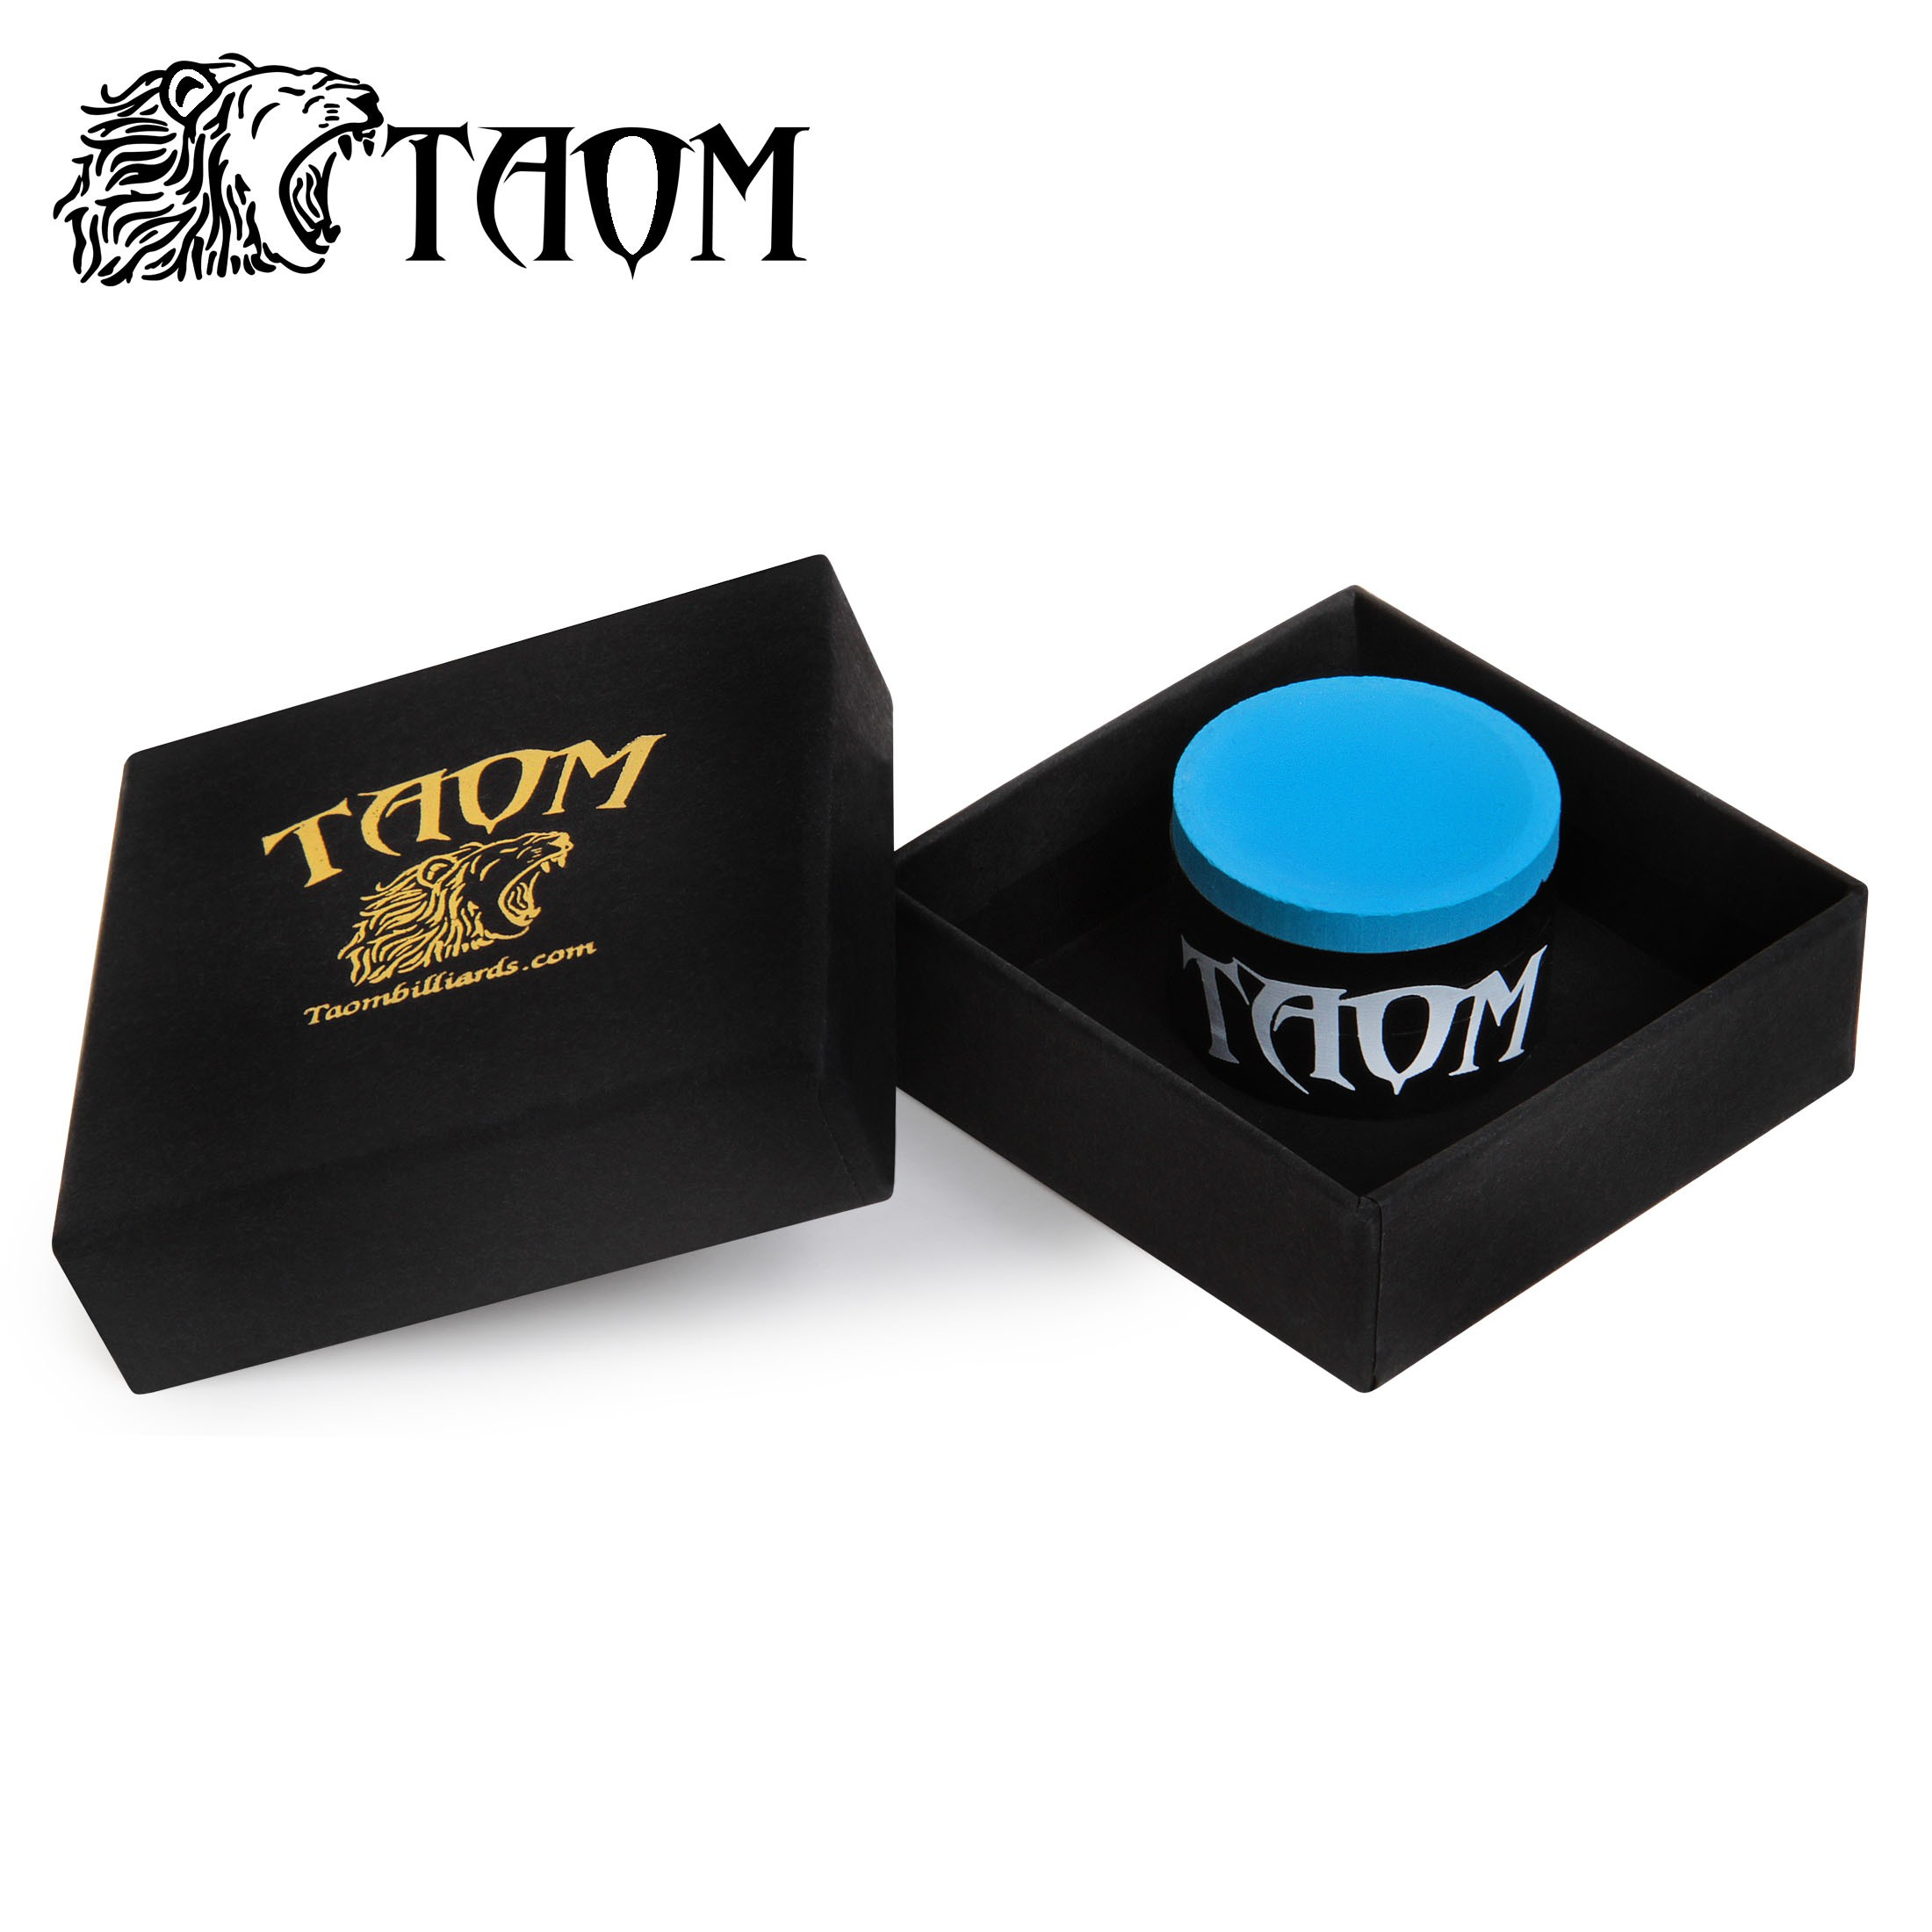 Мел Taom Pyro Chalk Blue в индивидуальной упаковке 1шт.